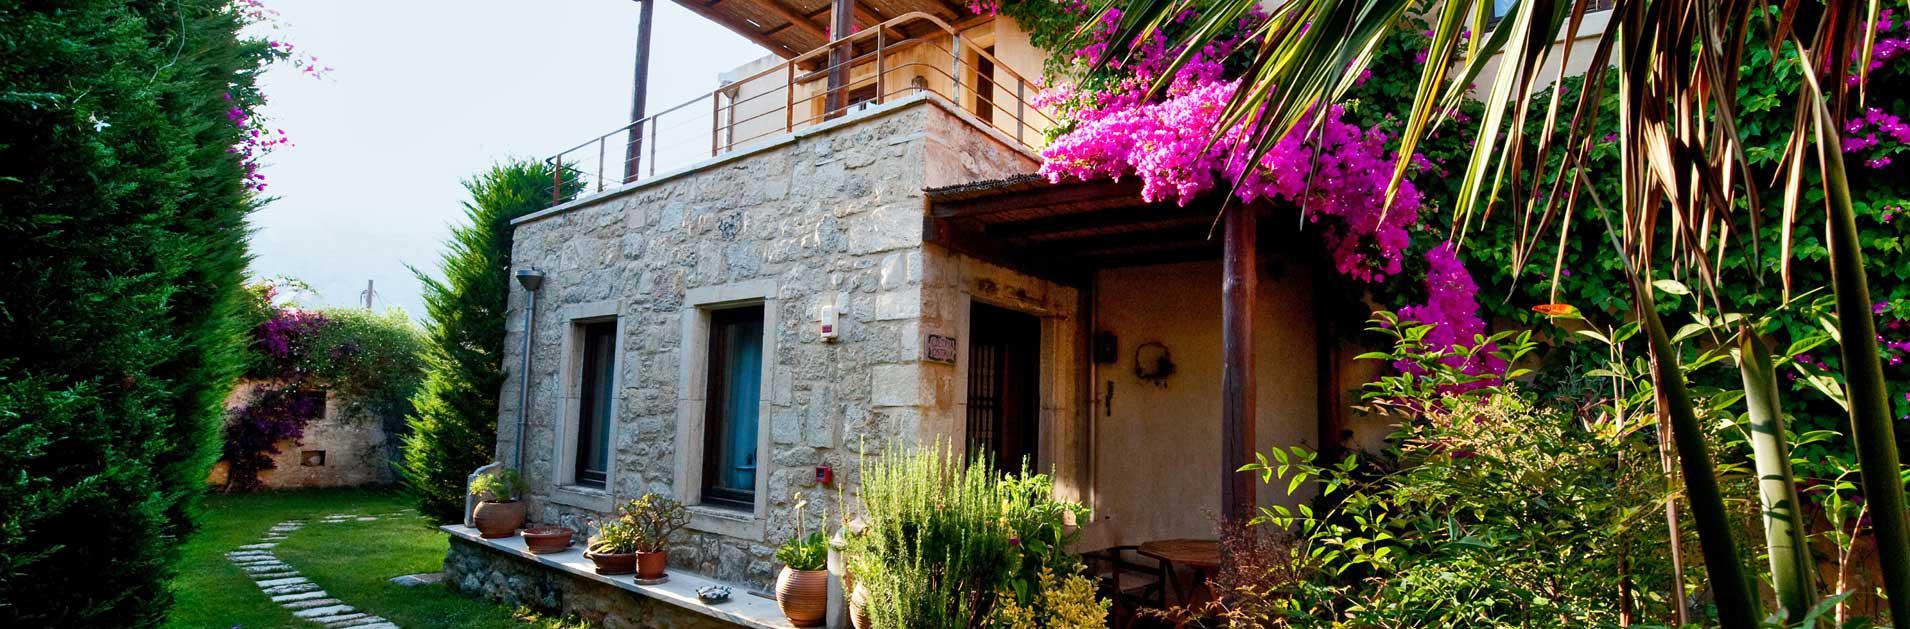 Three Traditional Villas